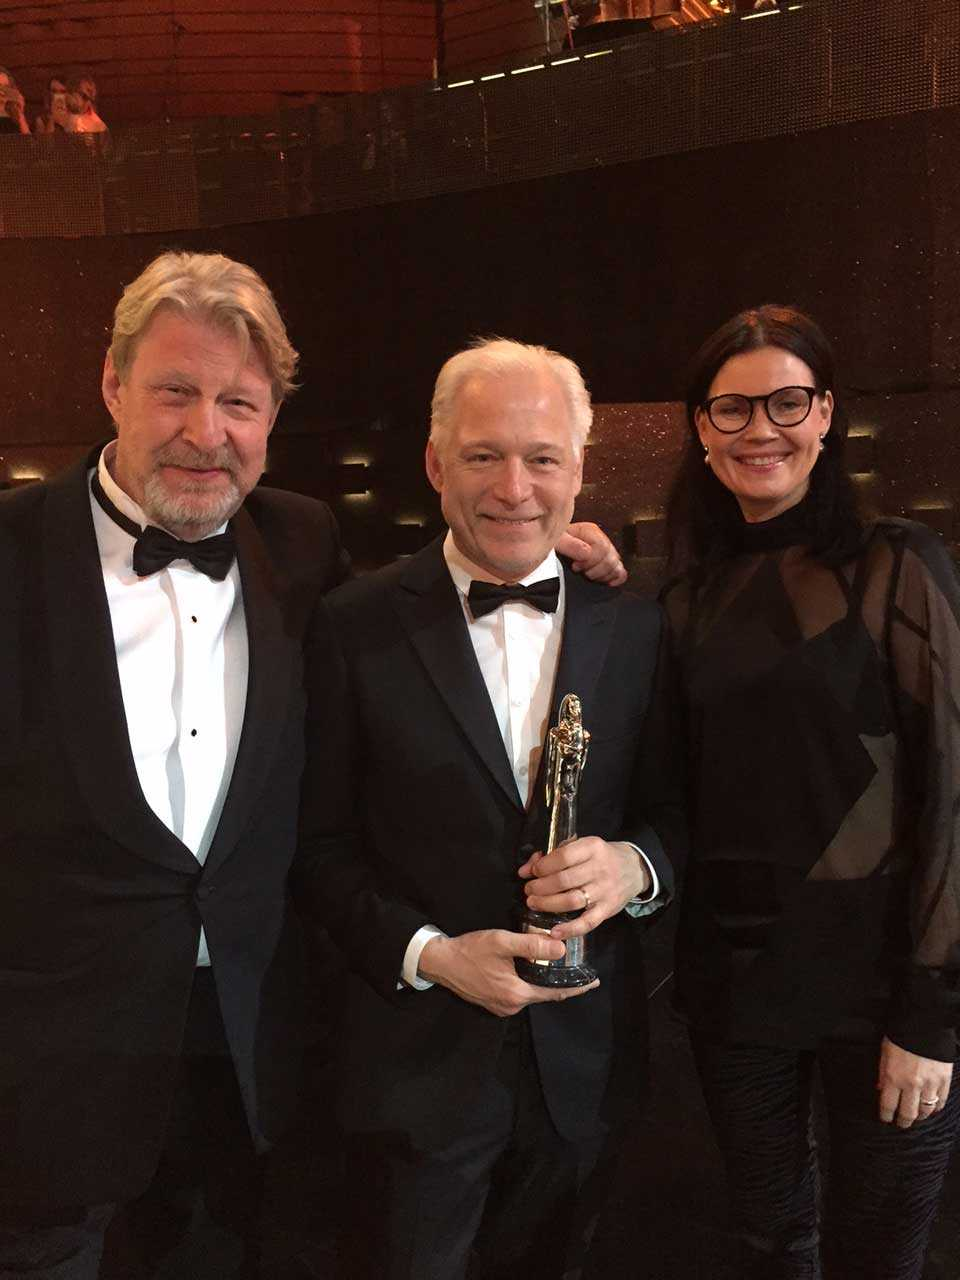 """Rolf Lassgård (""""Ove""""), regissören Hannes Holm och producenten Annica Bellander tog emot priset i Polen."""